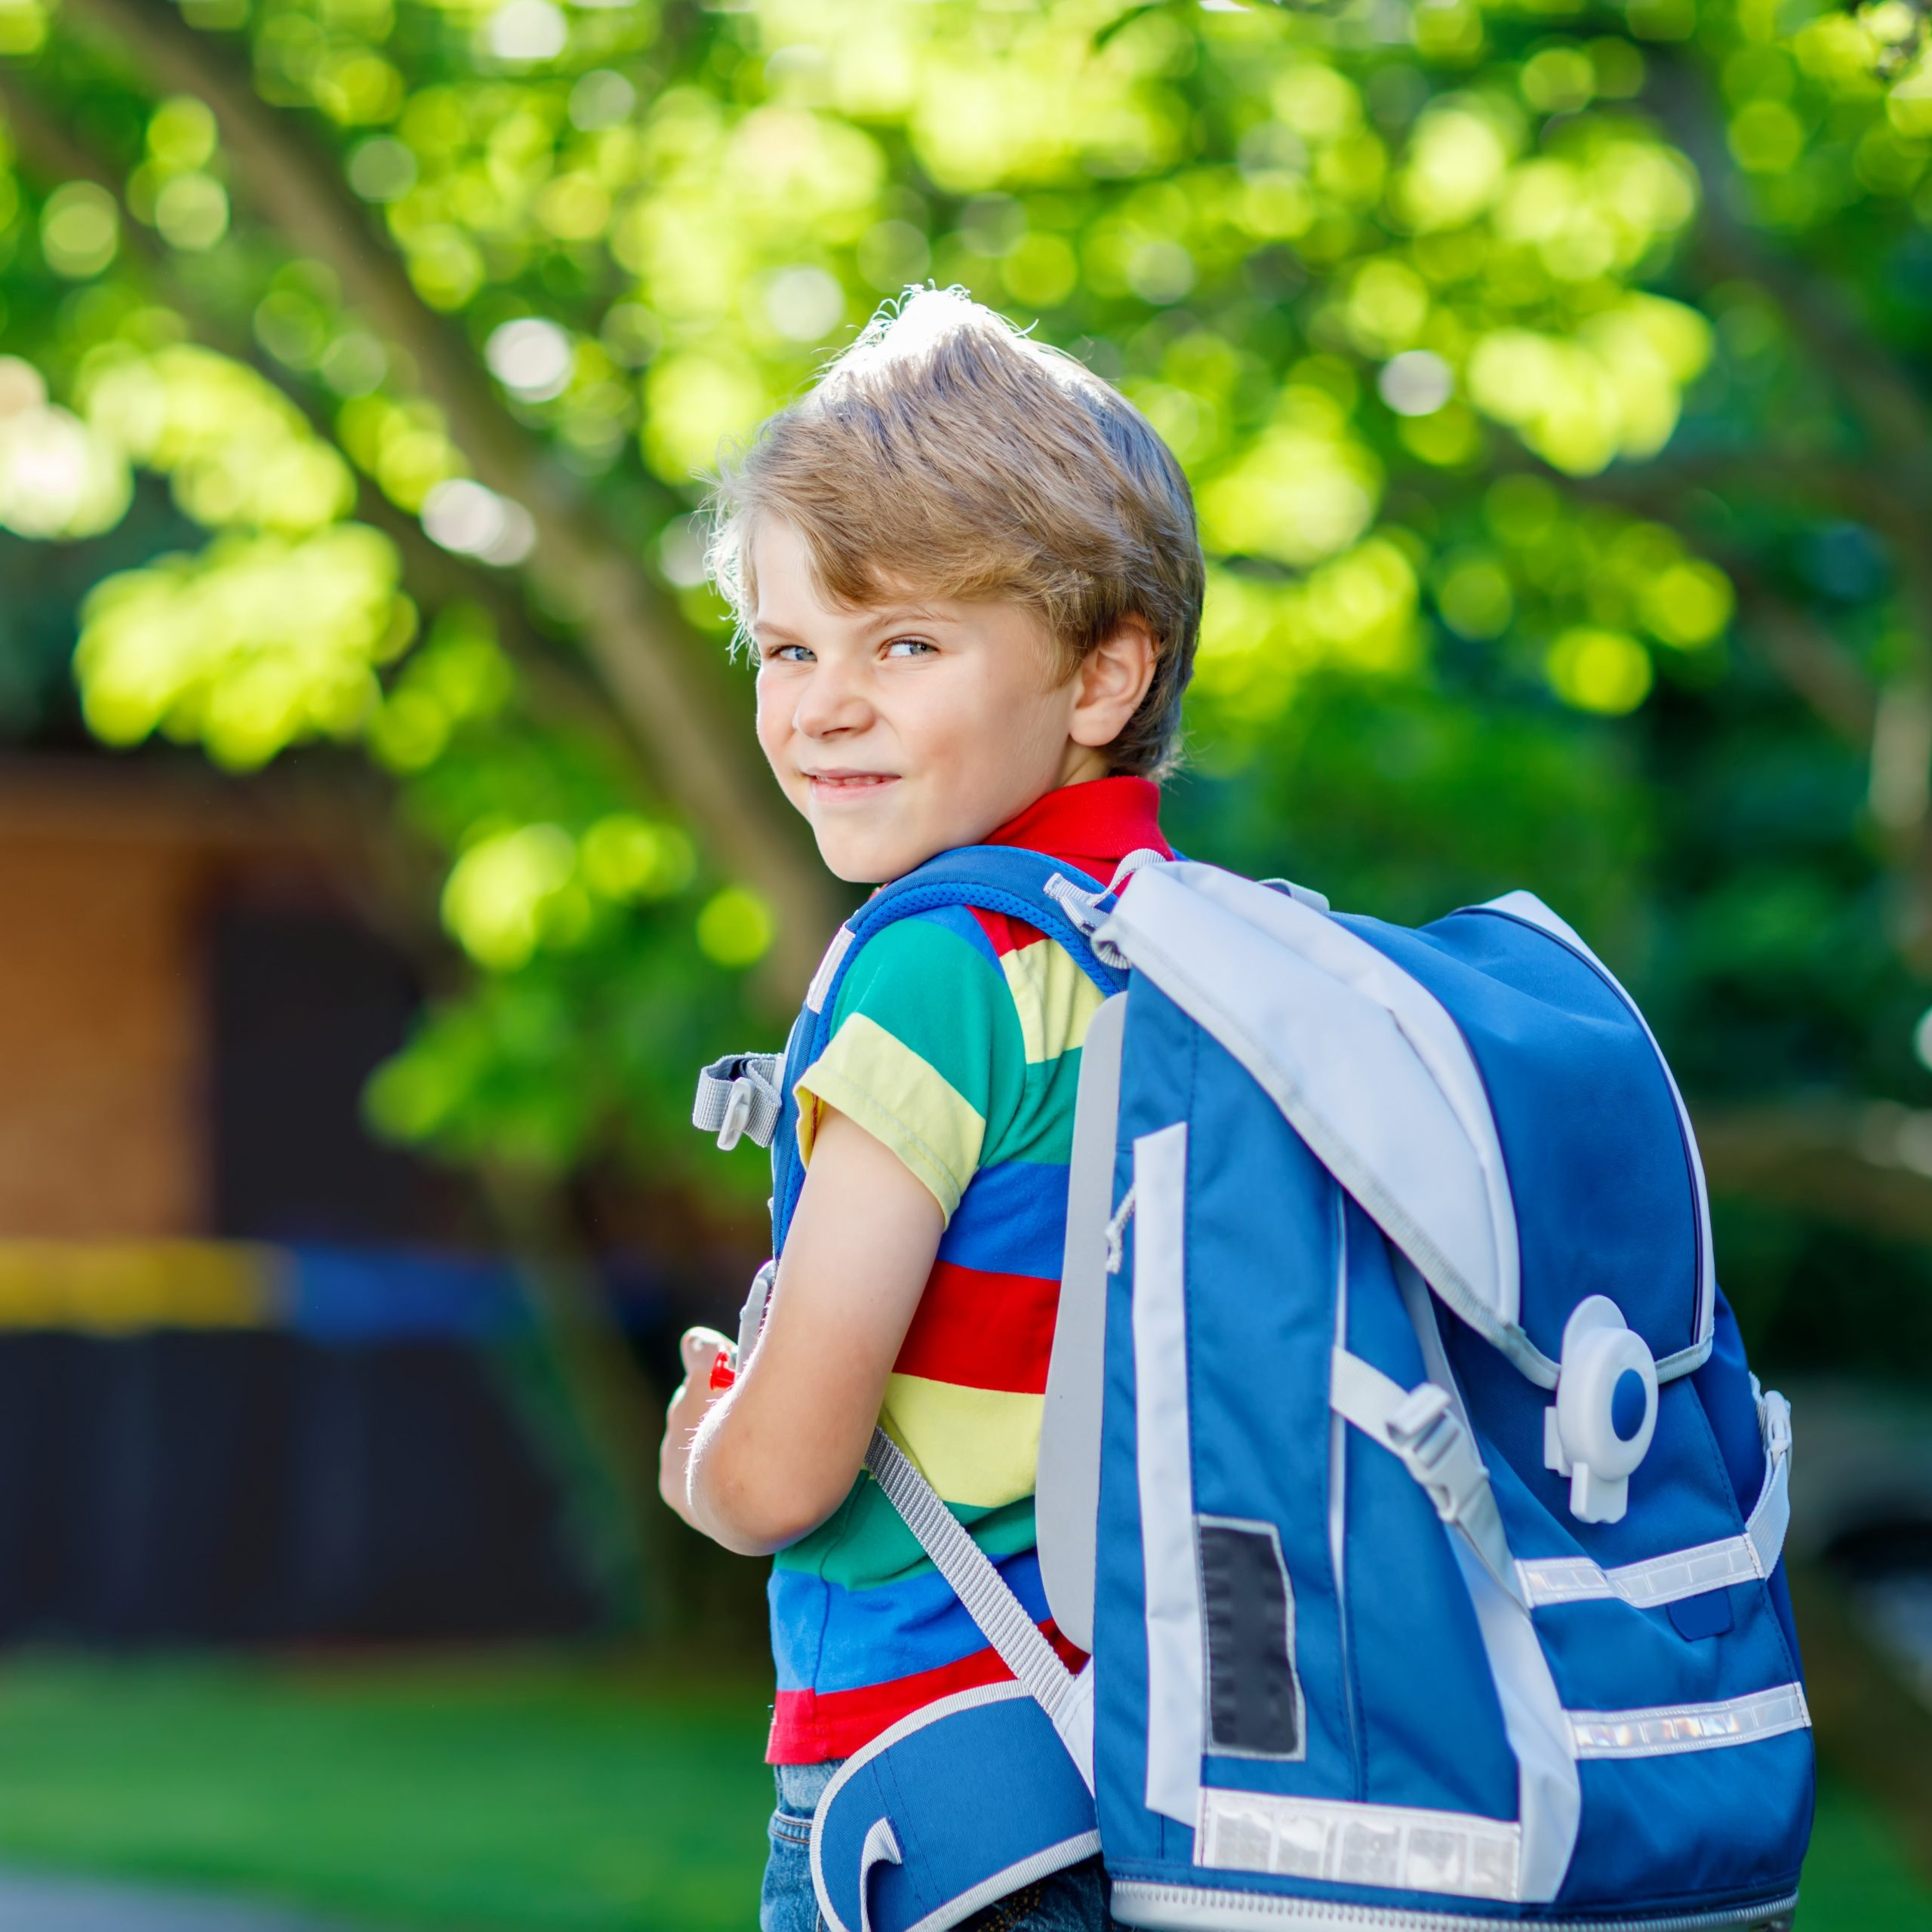 Auch schwere Schulranzen können zu der Entstehung von Rückenschmerzen und- problemen beitragen